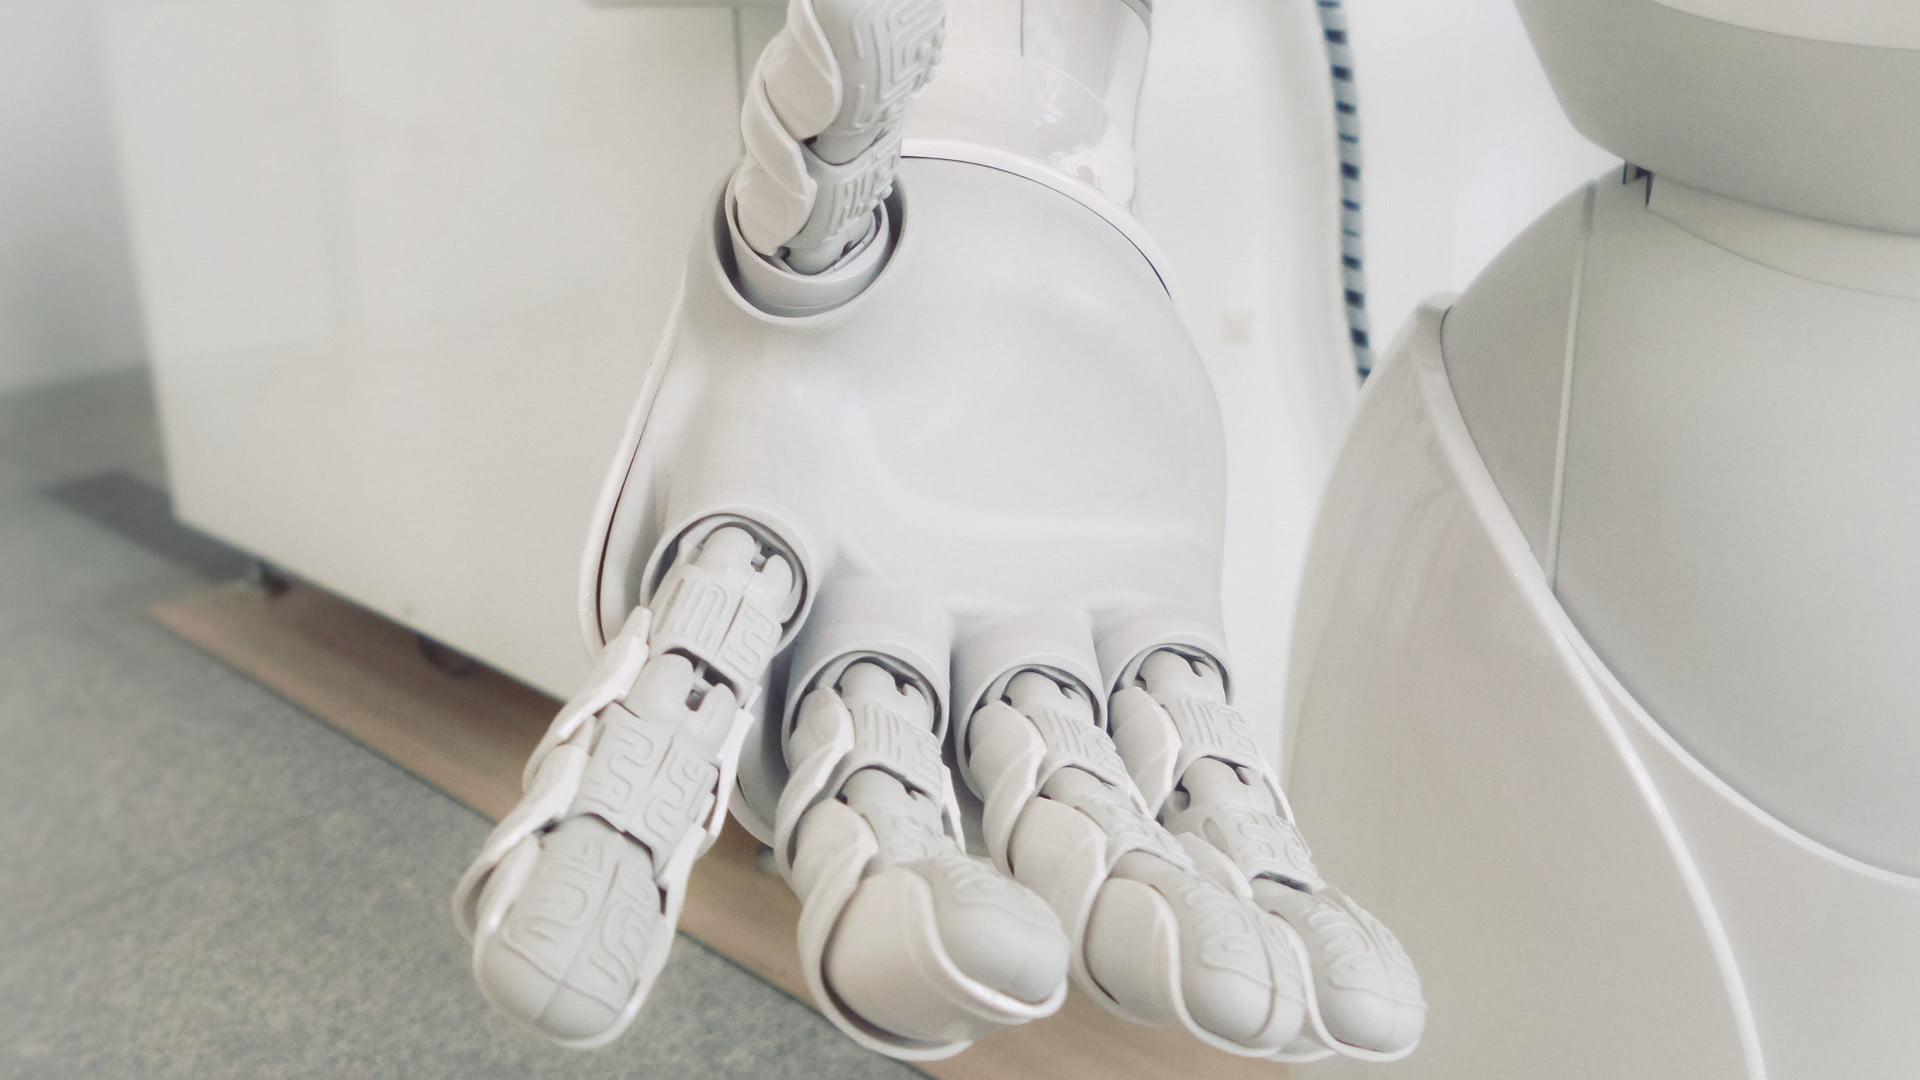 MiniSI #5: Jakie są zagrożenia sztucznej inteligencji? 23